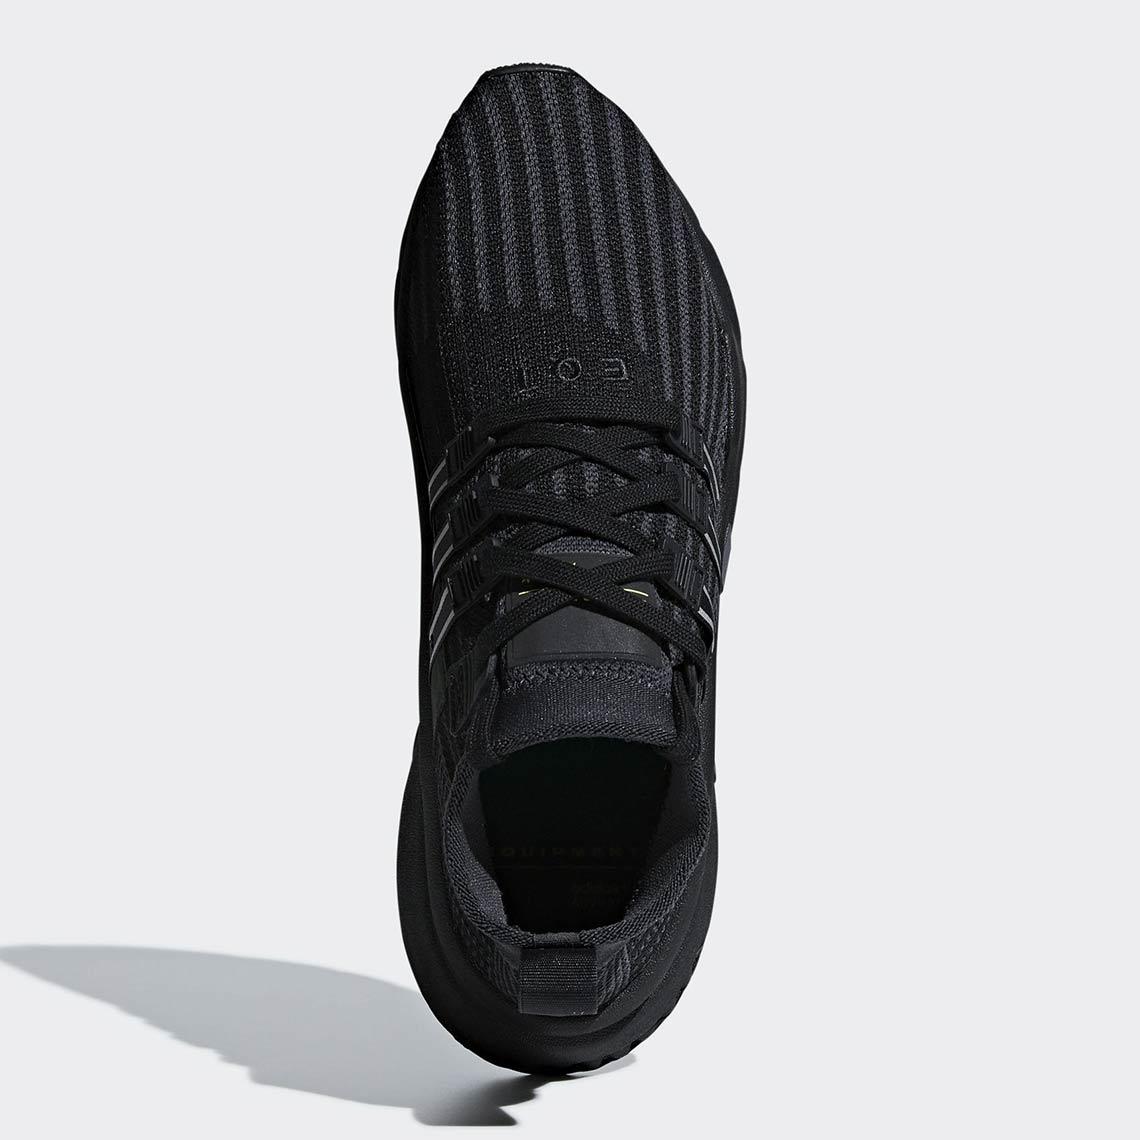 """adidas eqt support mid b37456 2 - The adidas EQT Support Mid ADV PK """"Core Black"""" Drops October 1st"""